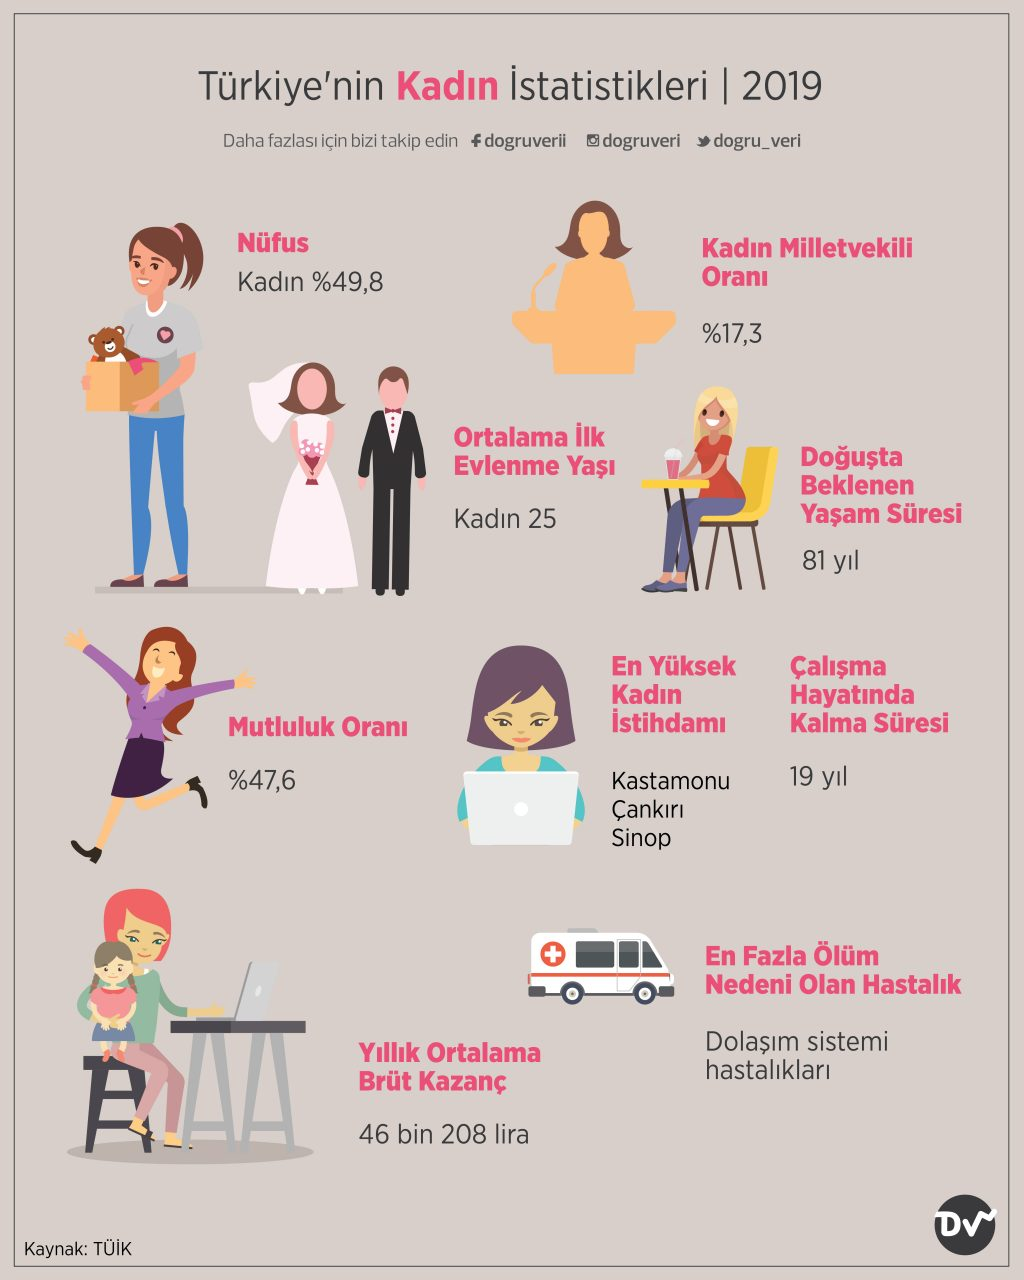 Türkiye'nin Kadın İstatistikleri, 2019